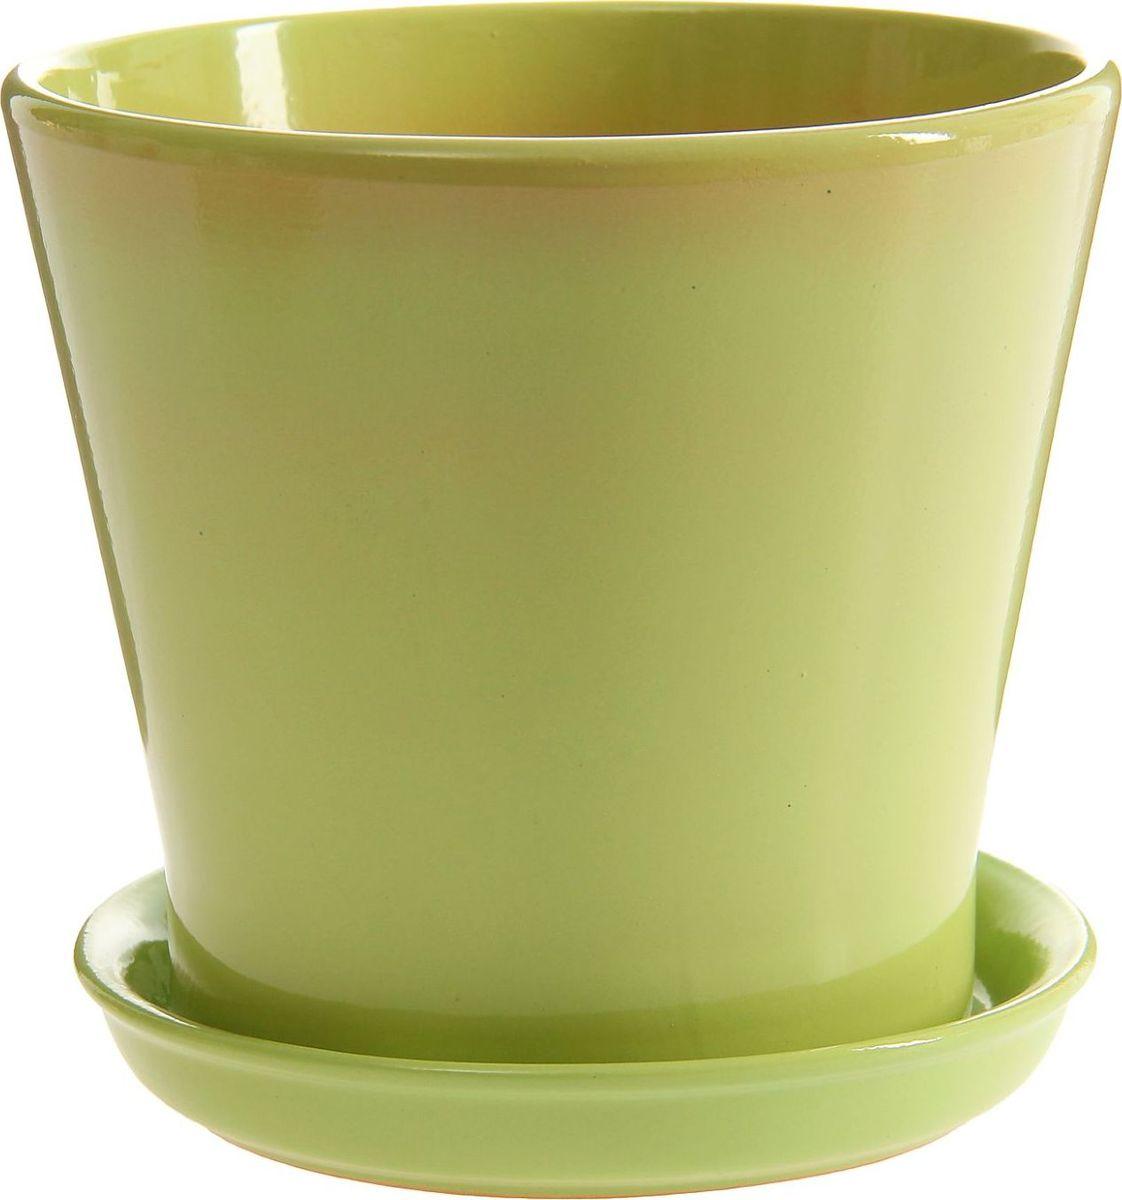 Кашпо Этюд, цвет: зеленый, 1,8 л1157342Комнатные растения — всеобщие любимцы. Они радуют глаз, насыщают помещение кислородом и украшают пространство. Каждому из них необходим свой удобный и красивый дом. Кашпо из керамики прекрасно подходят для высадки растений: за счёт пластичности глины и разных способов обработки существует великое множество форм и дизайновпористый материал позволяет испаряться лишней влагевоздух, необходимый для дыхания корней, проникает сквозь керамические стенки! #name# позаботится о зелёном питомце, освежит интерьер и подчеркнёт его стиль.